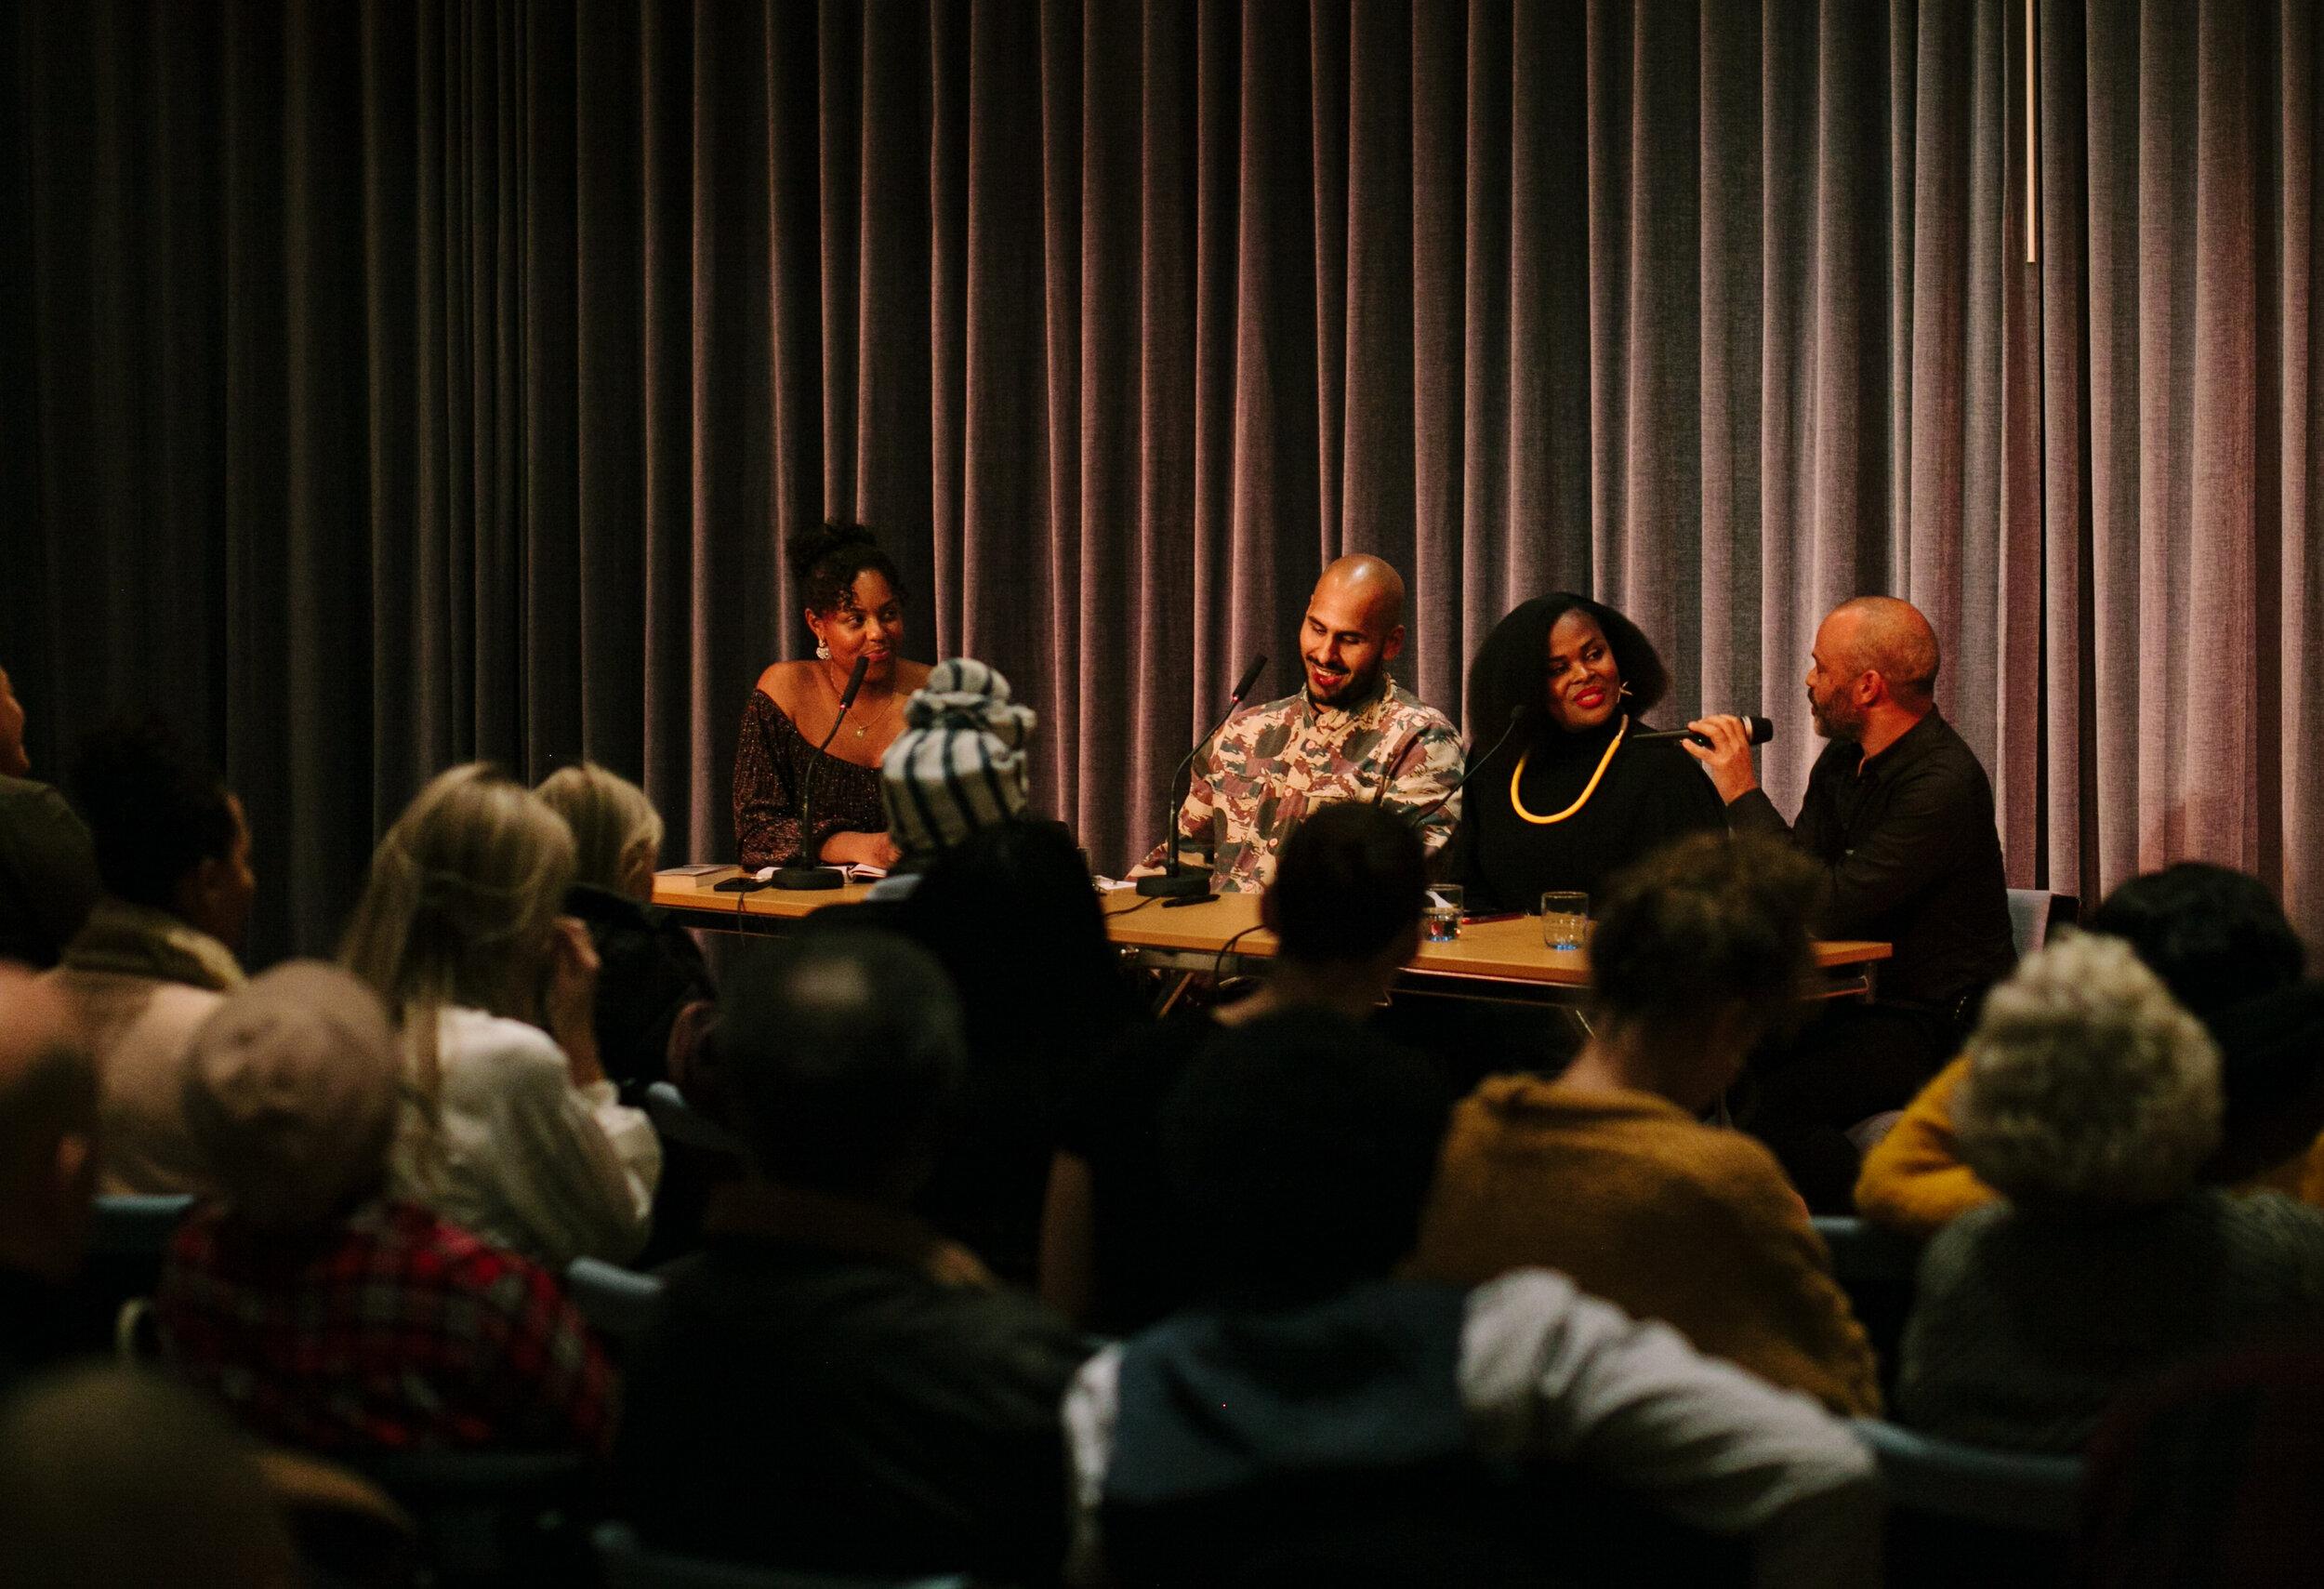 Panelen: Amie Bramme Sey, Amat Levin, Rafaela Stålbalk Klose och Michael Barrett. Foto: Sandra Åhman/Stockholms Kvinnohistoriska